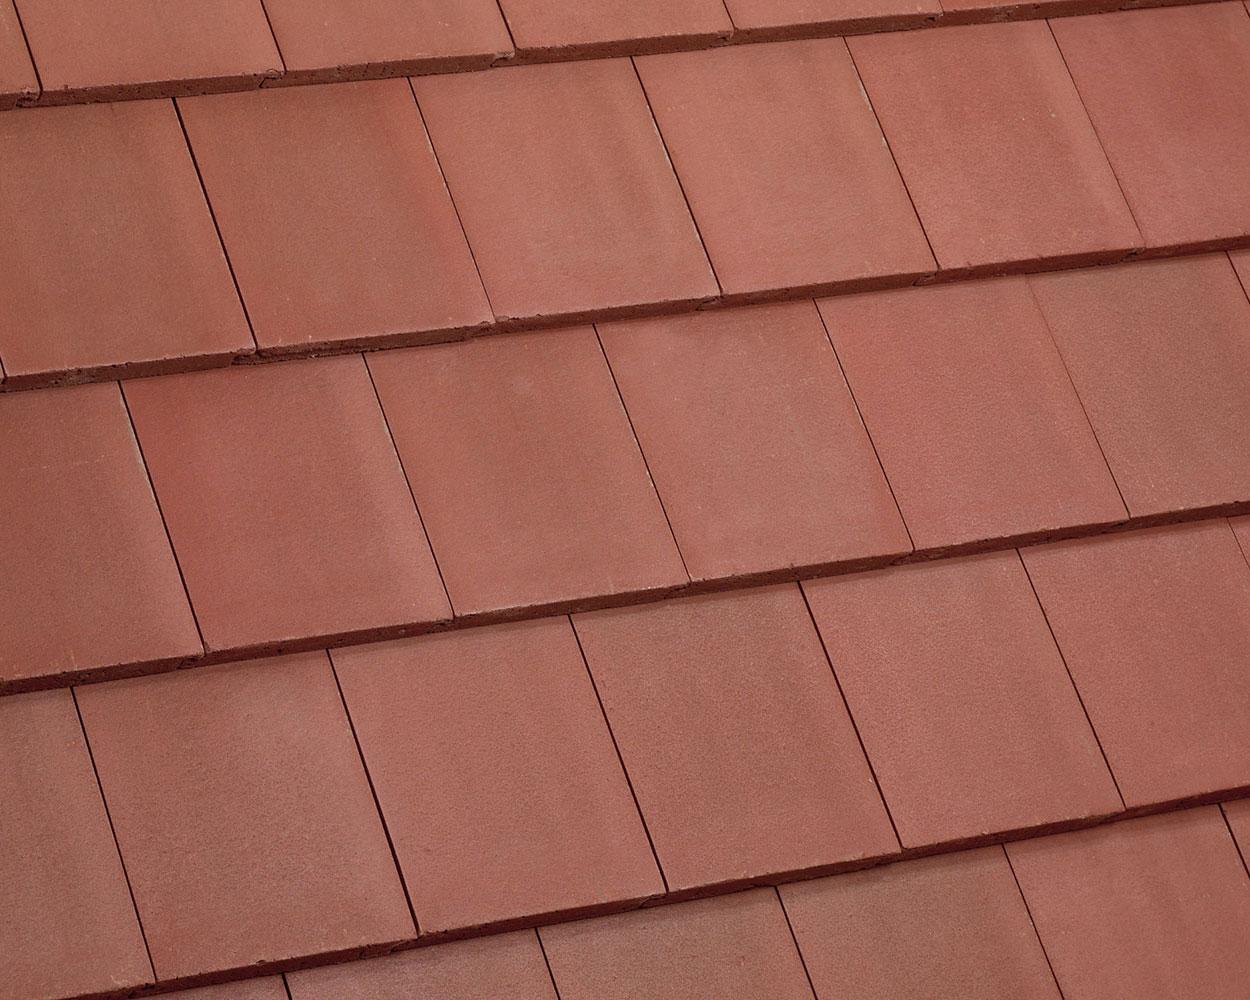 Kona red range tile roof color swatch